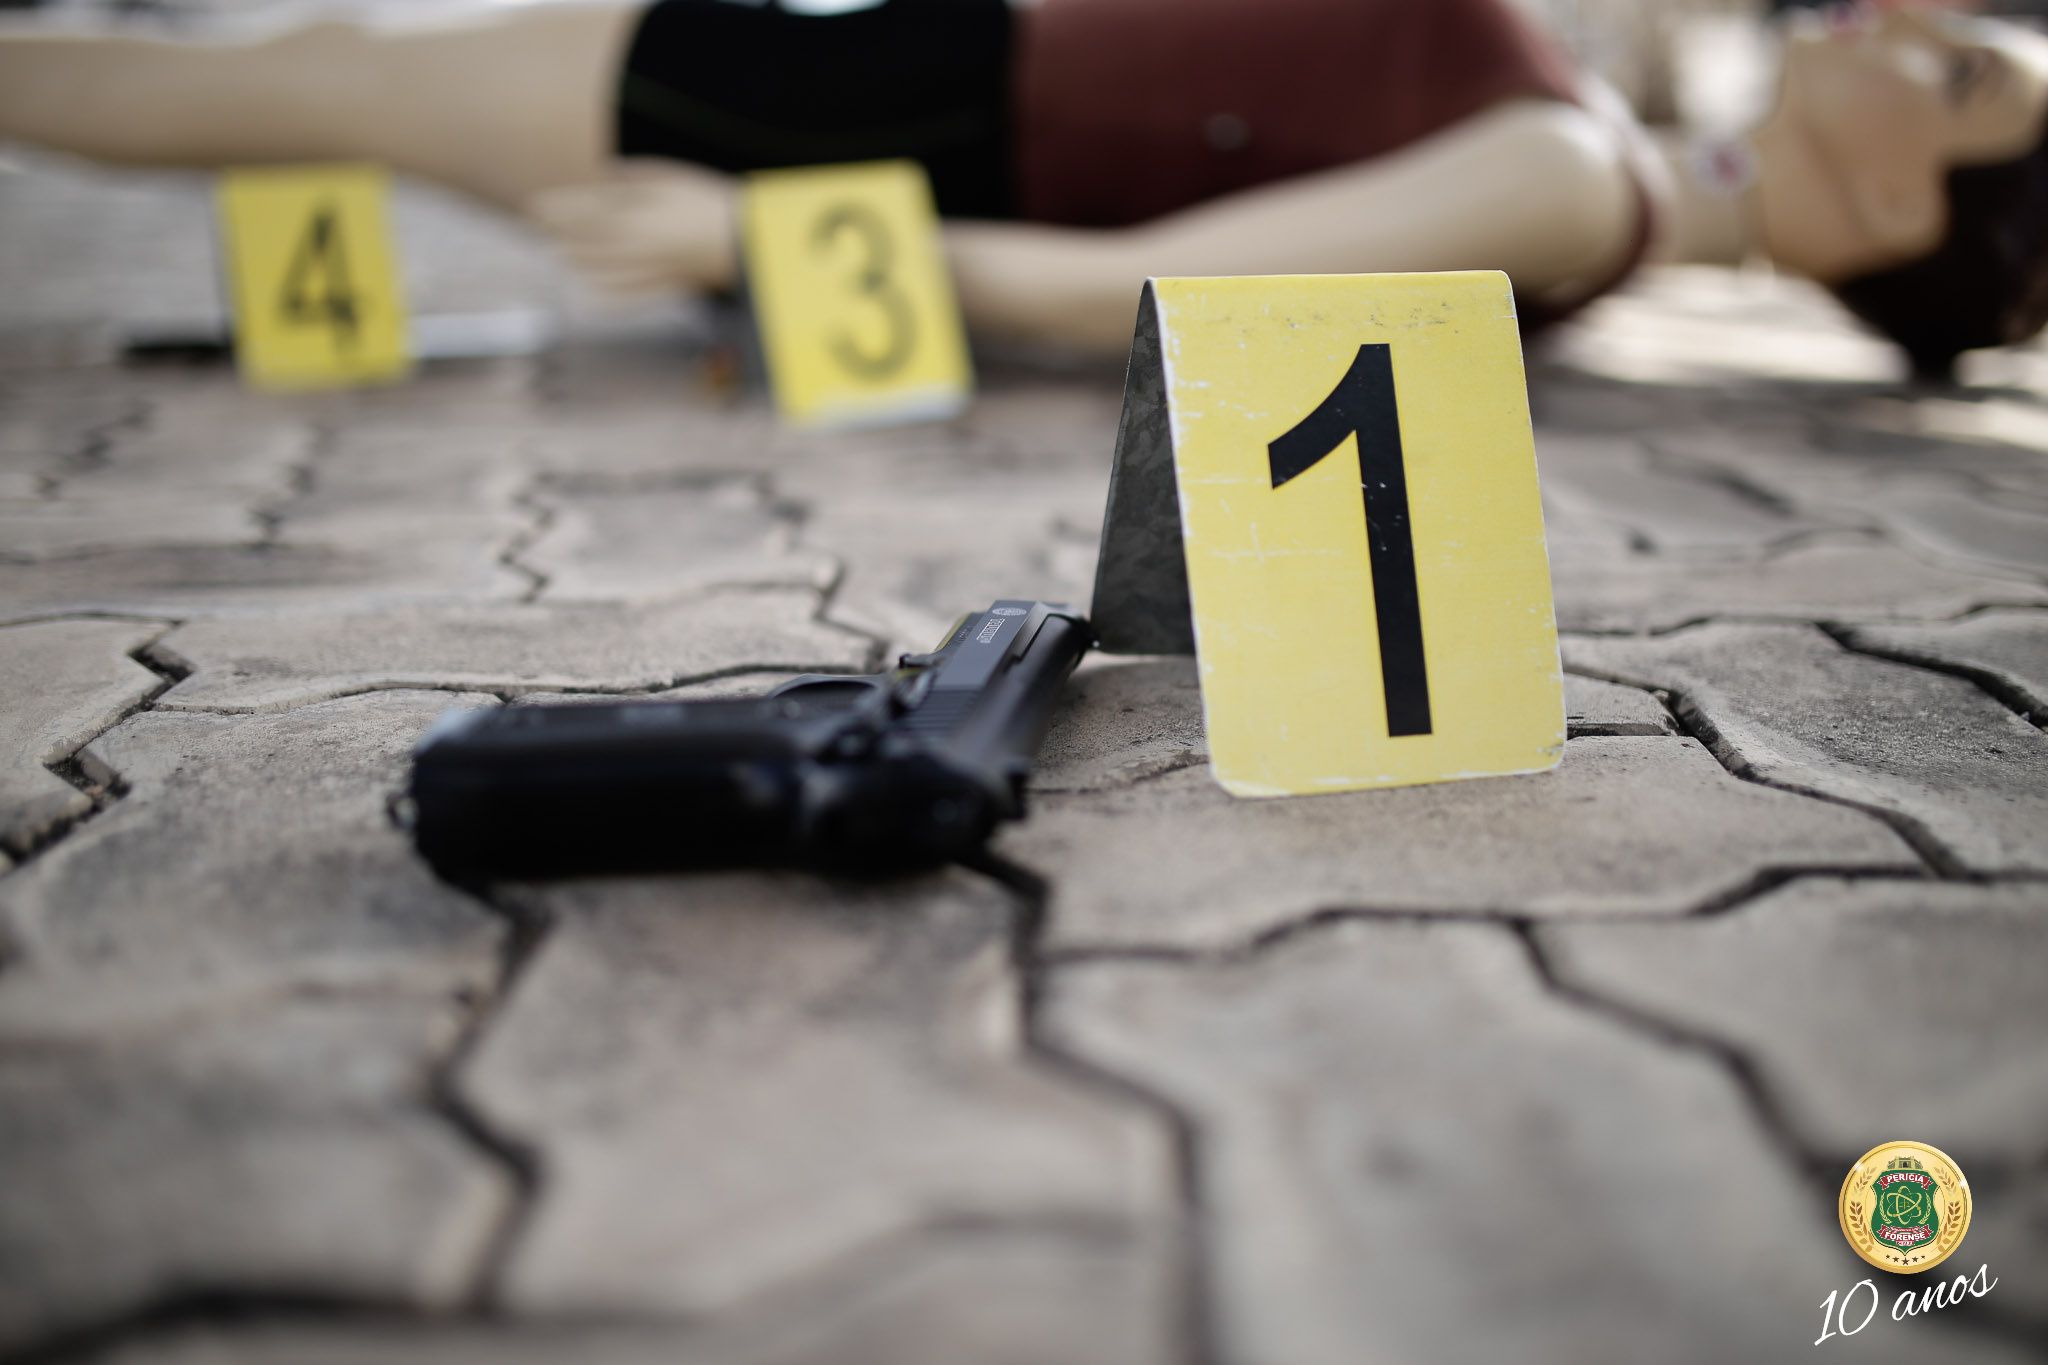 Coordenadoria de Perícia Criminal: responsável pelo início do trabalho técnico científico em locais de crime